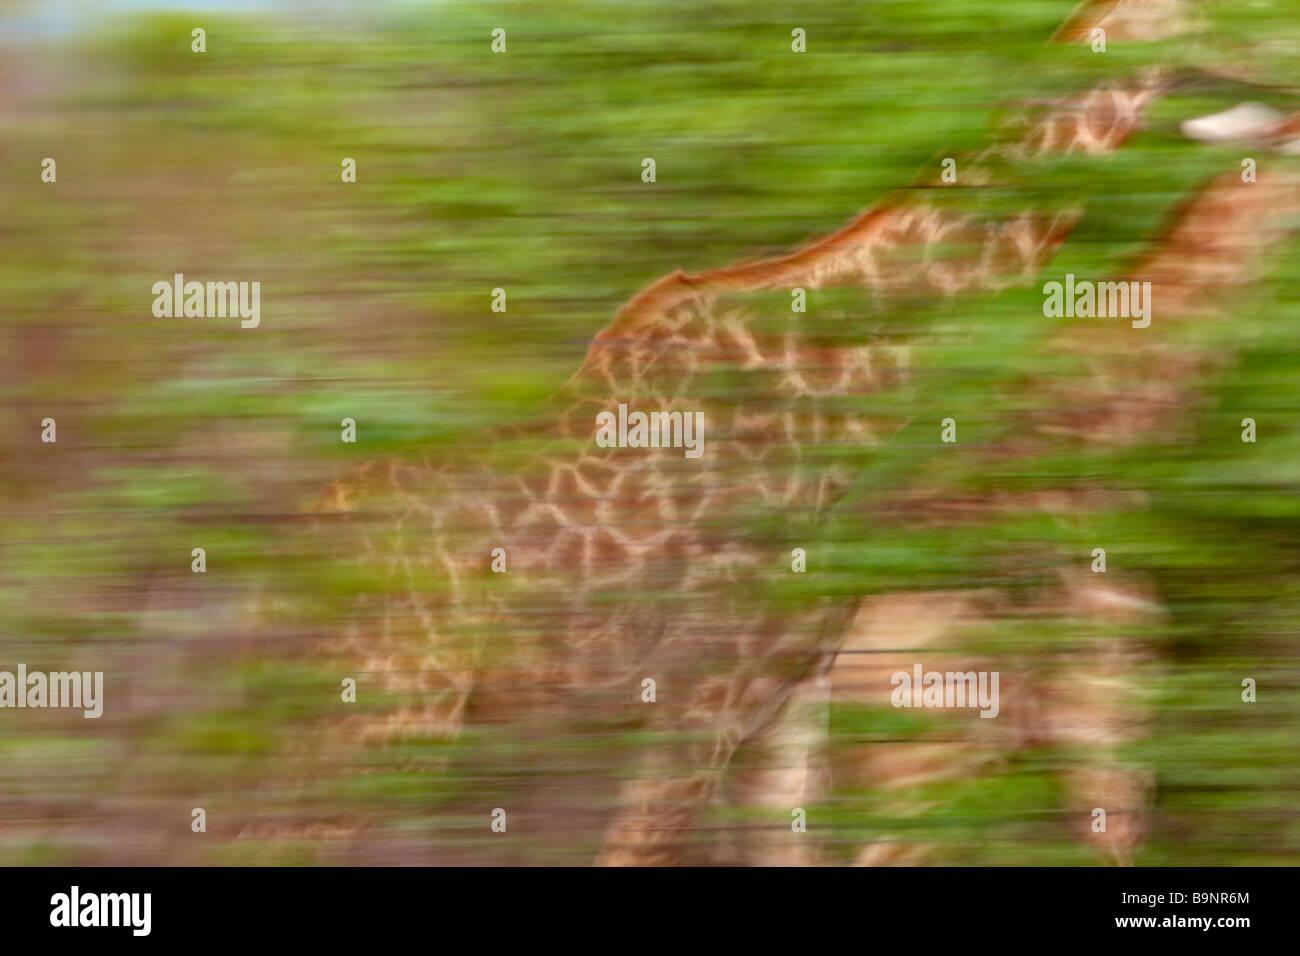 Dos jirafas en movimiento en el monte, el Parque Nacional Kruger, Sudáfrica Imagen De Stock